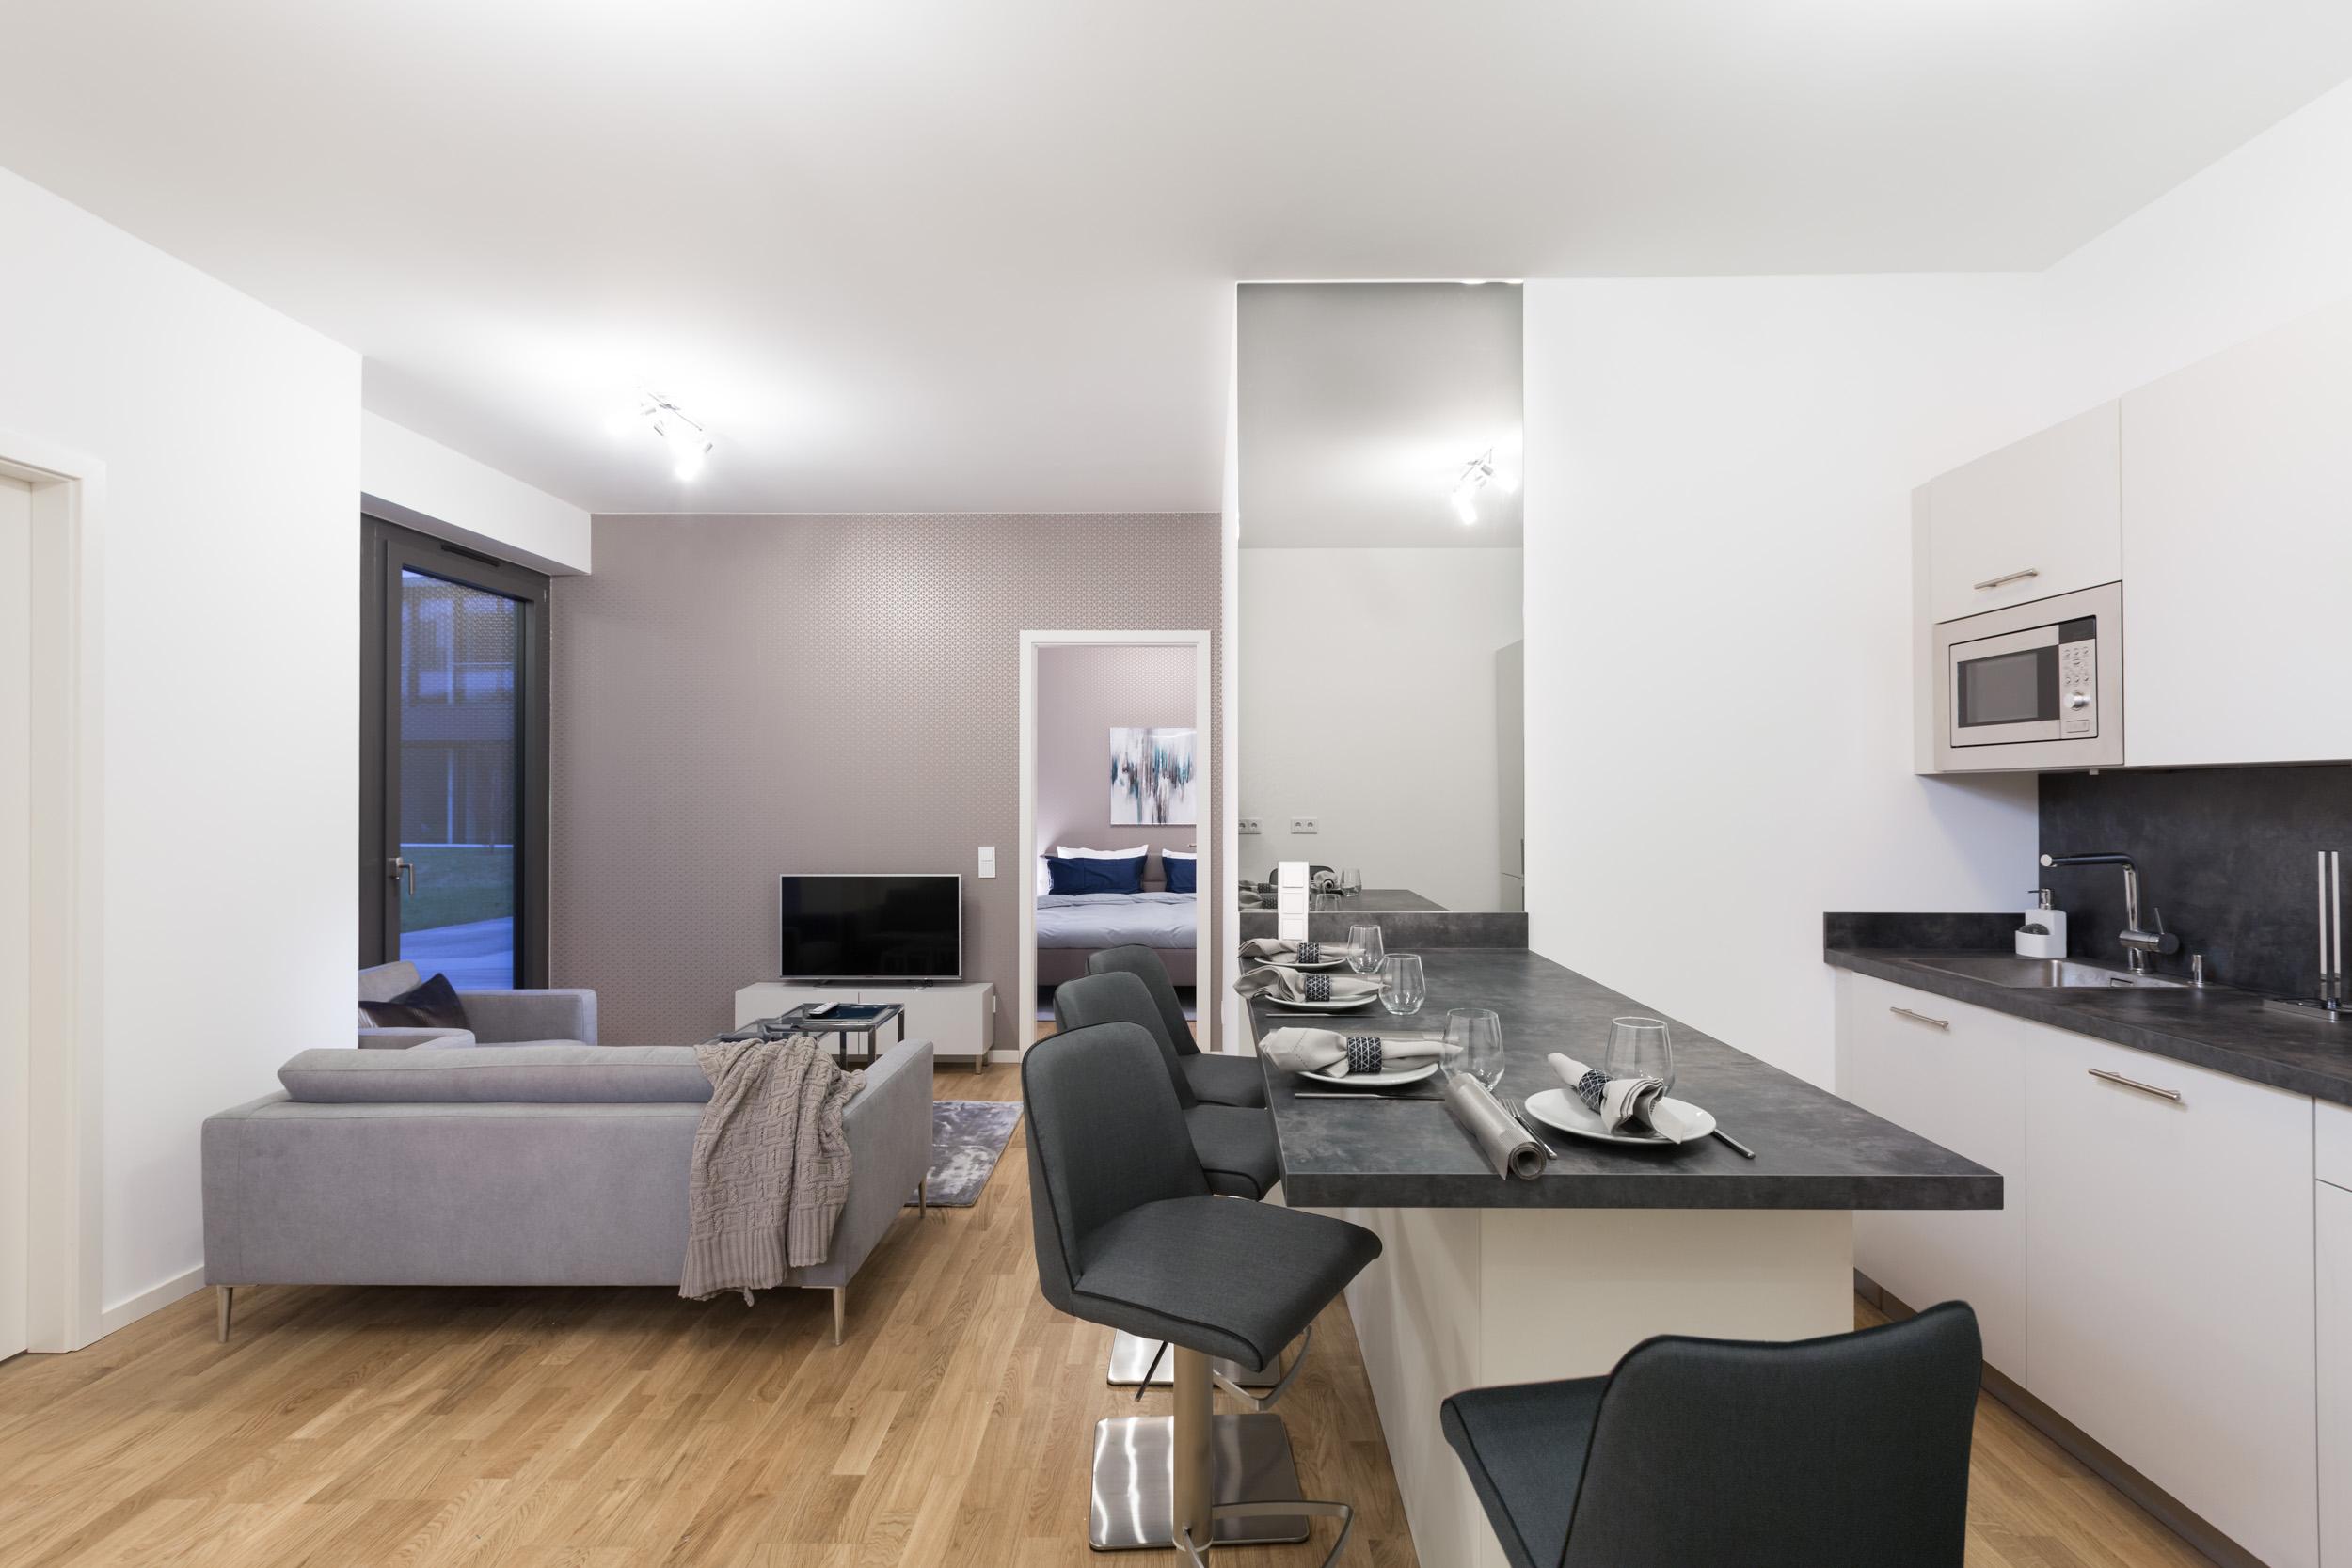 re-vamp+möbliertes+Mikropapartment+WE+207+Küche_Wohnzimmer.jpg